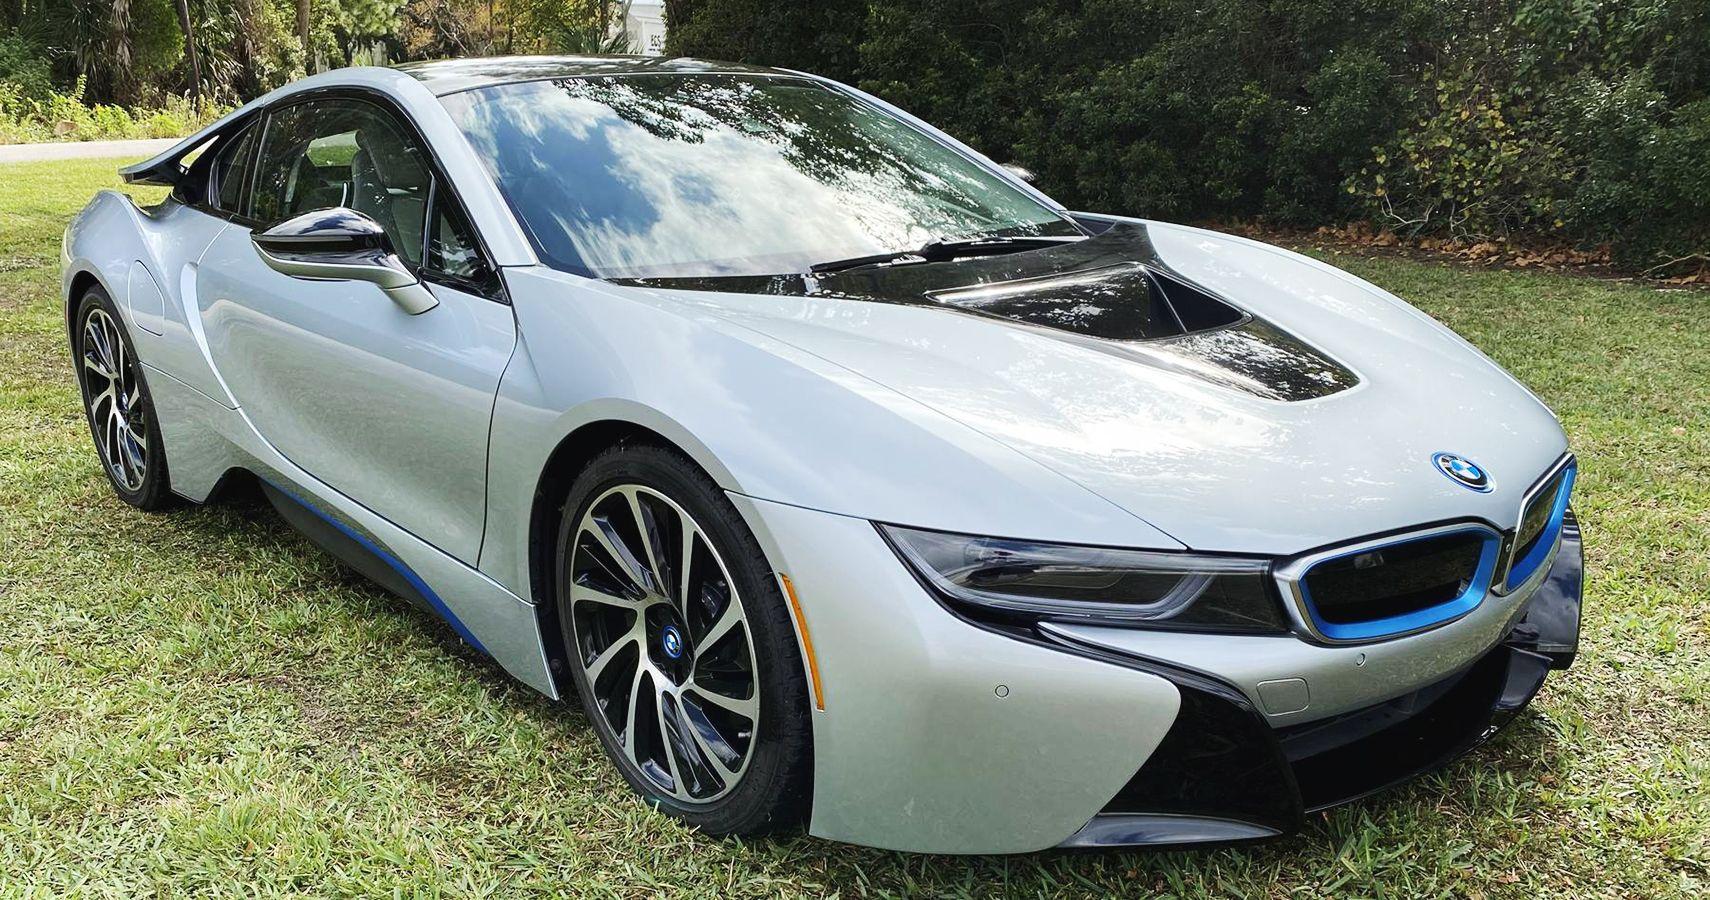 Handsome 2016 BMW i8 Plug-In Hybrid Shows Up For Sale In Jacksonville, Florida